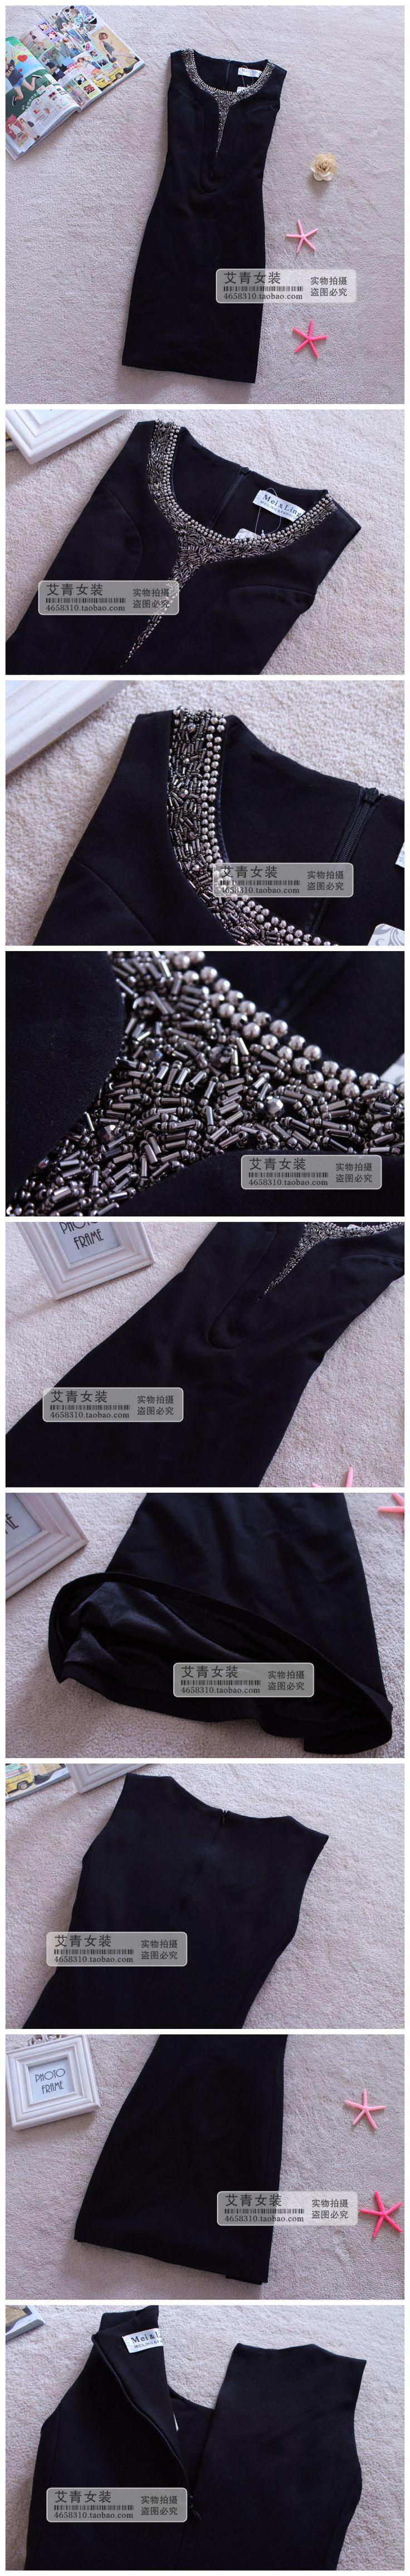 Зимние новый корейский Женщины аристократической темперамент Европа трикотажные платья без рукавов Тонкий платье жилет, юбка - глобальная станция Taobao